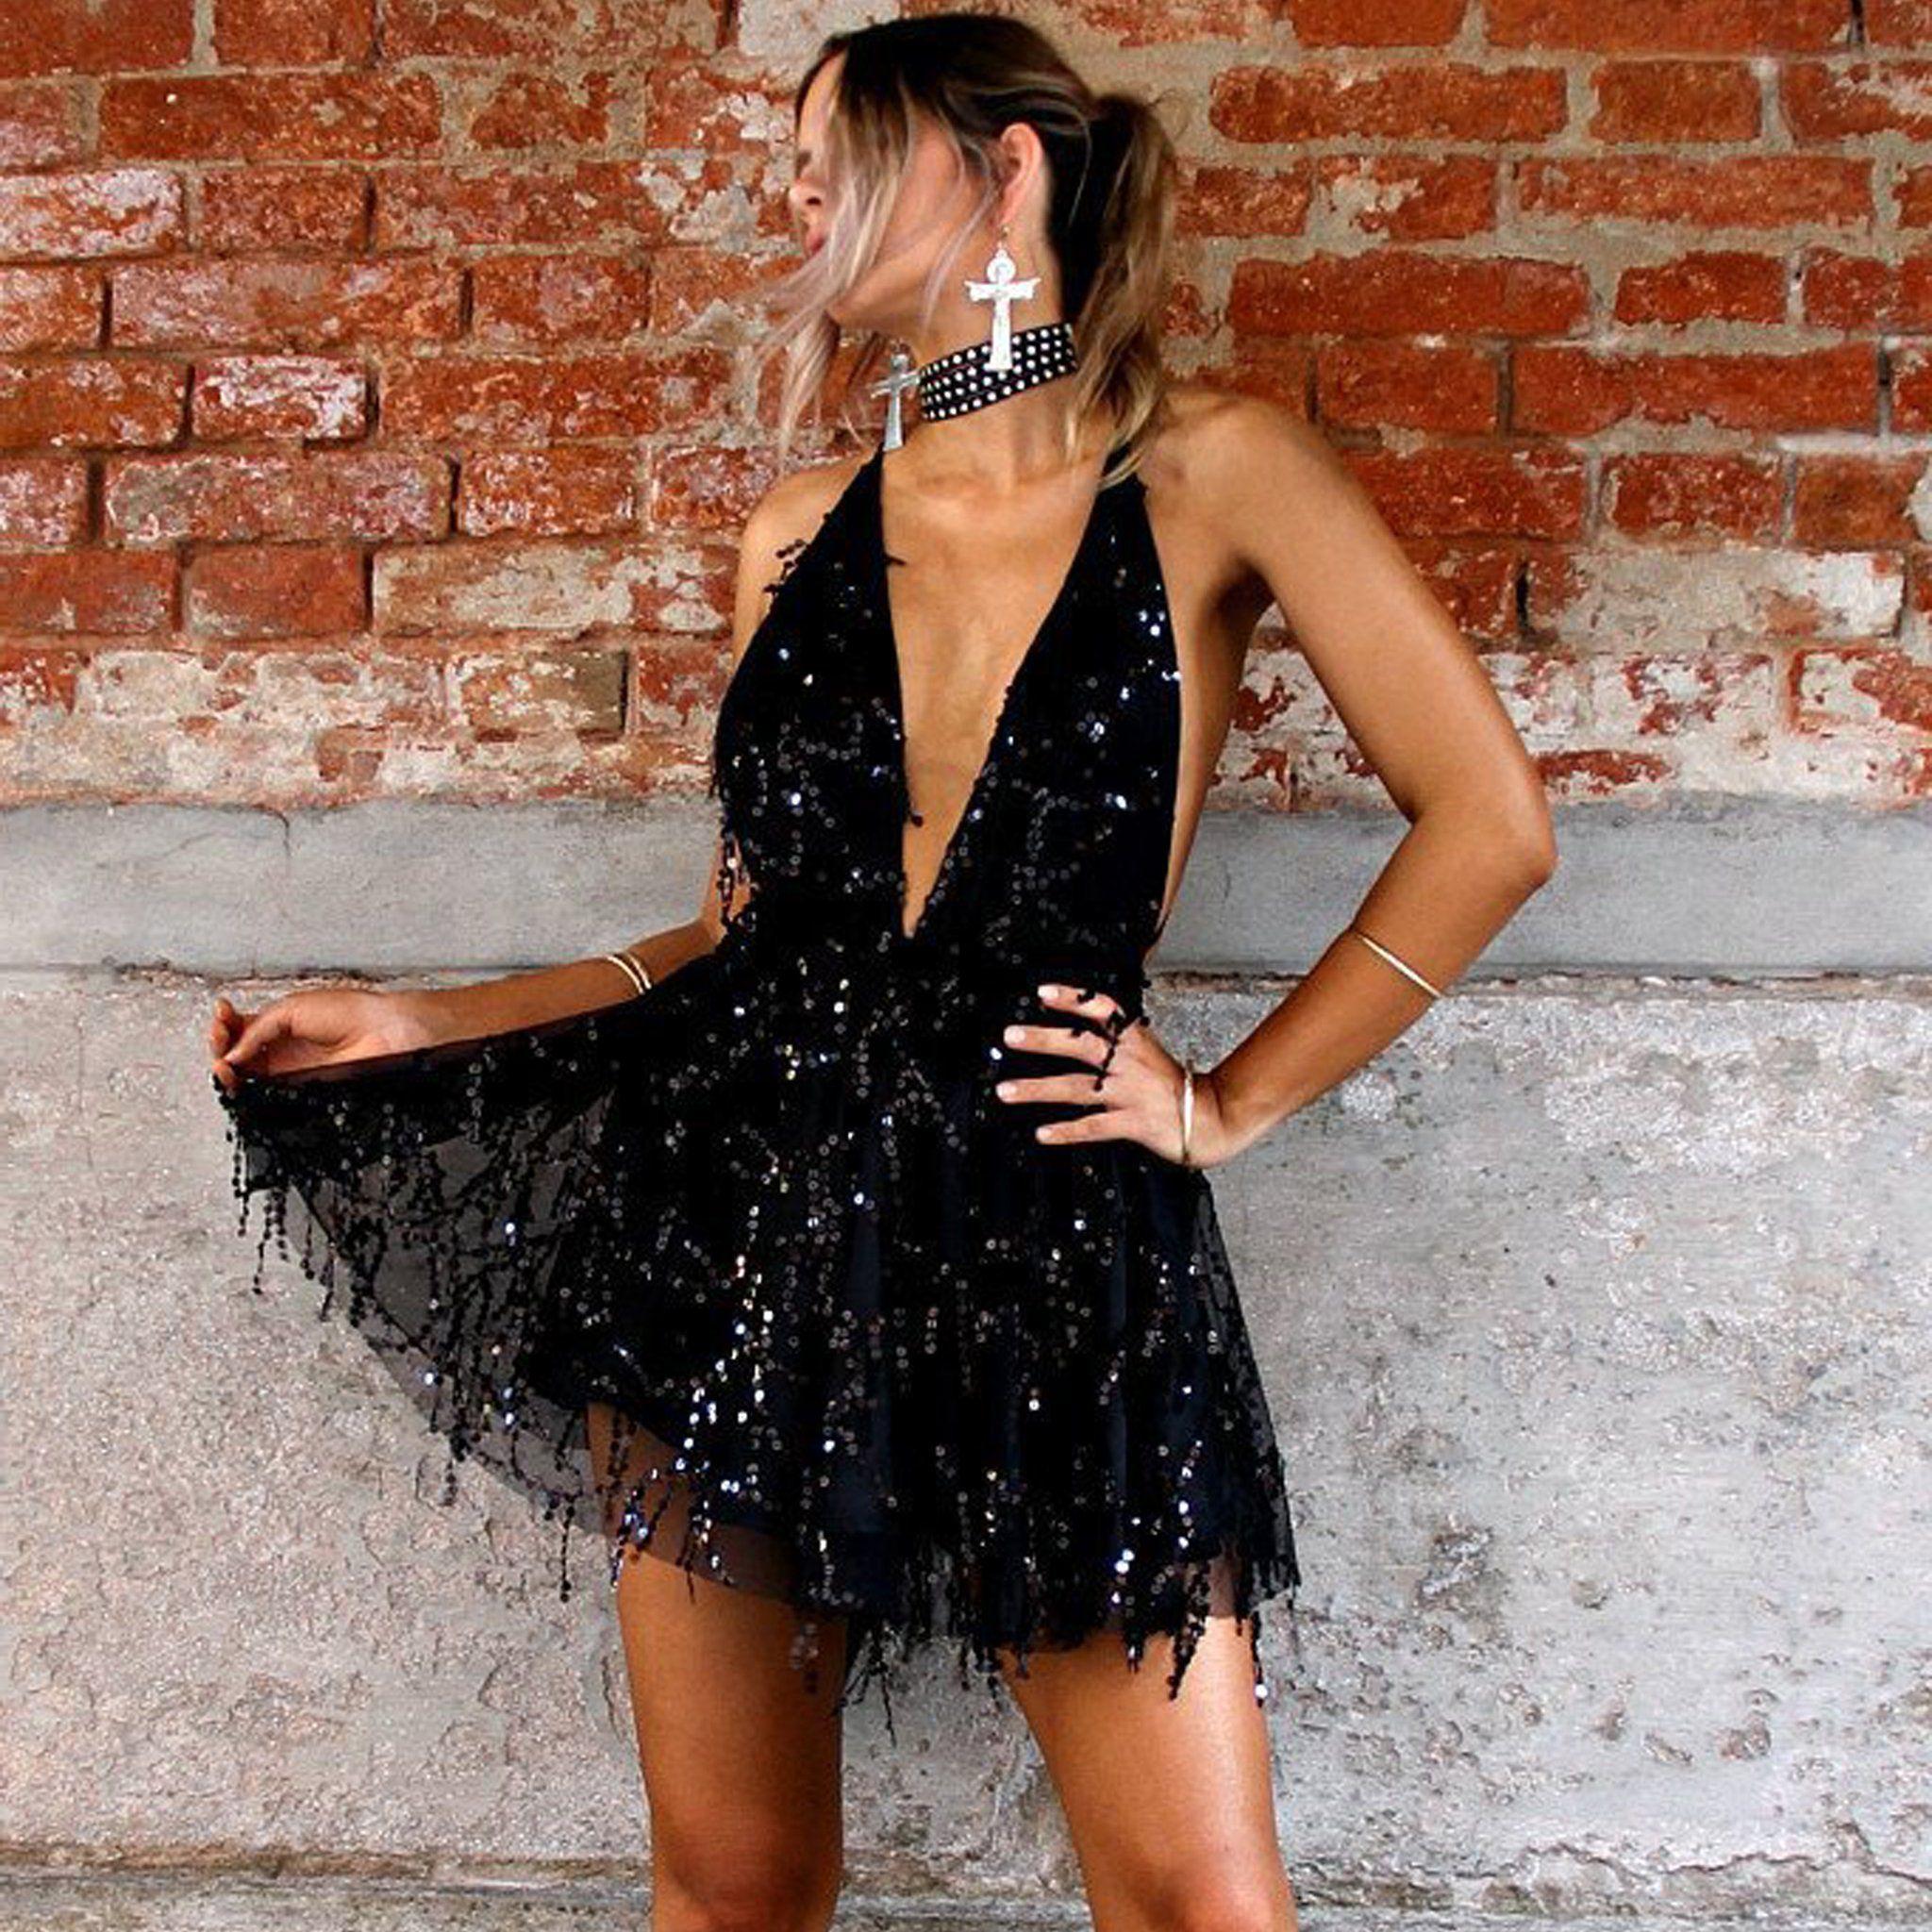 ffe624e20e Fancy Summer Outfit Ideas 2018 for Going Out Party Clubbing - Sequin Halter  Neck Dress Romper in Black - ideas elegantes del equipo del mameluco del  verano ...